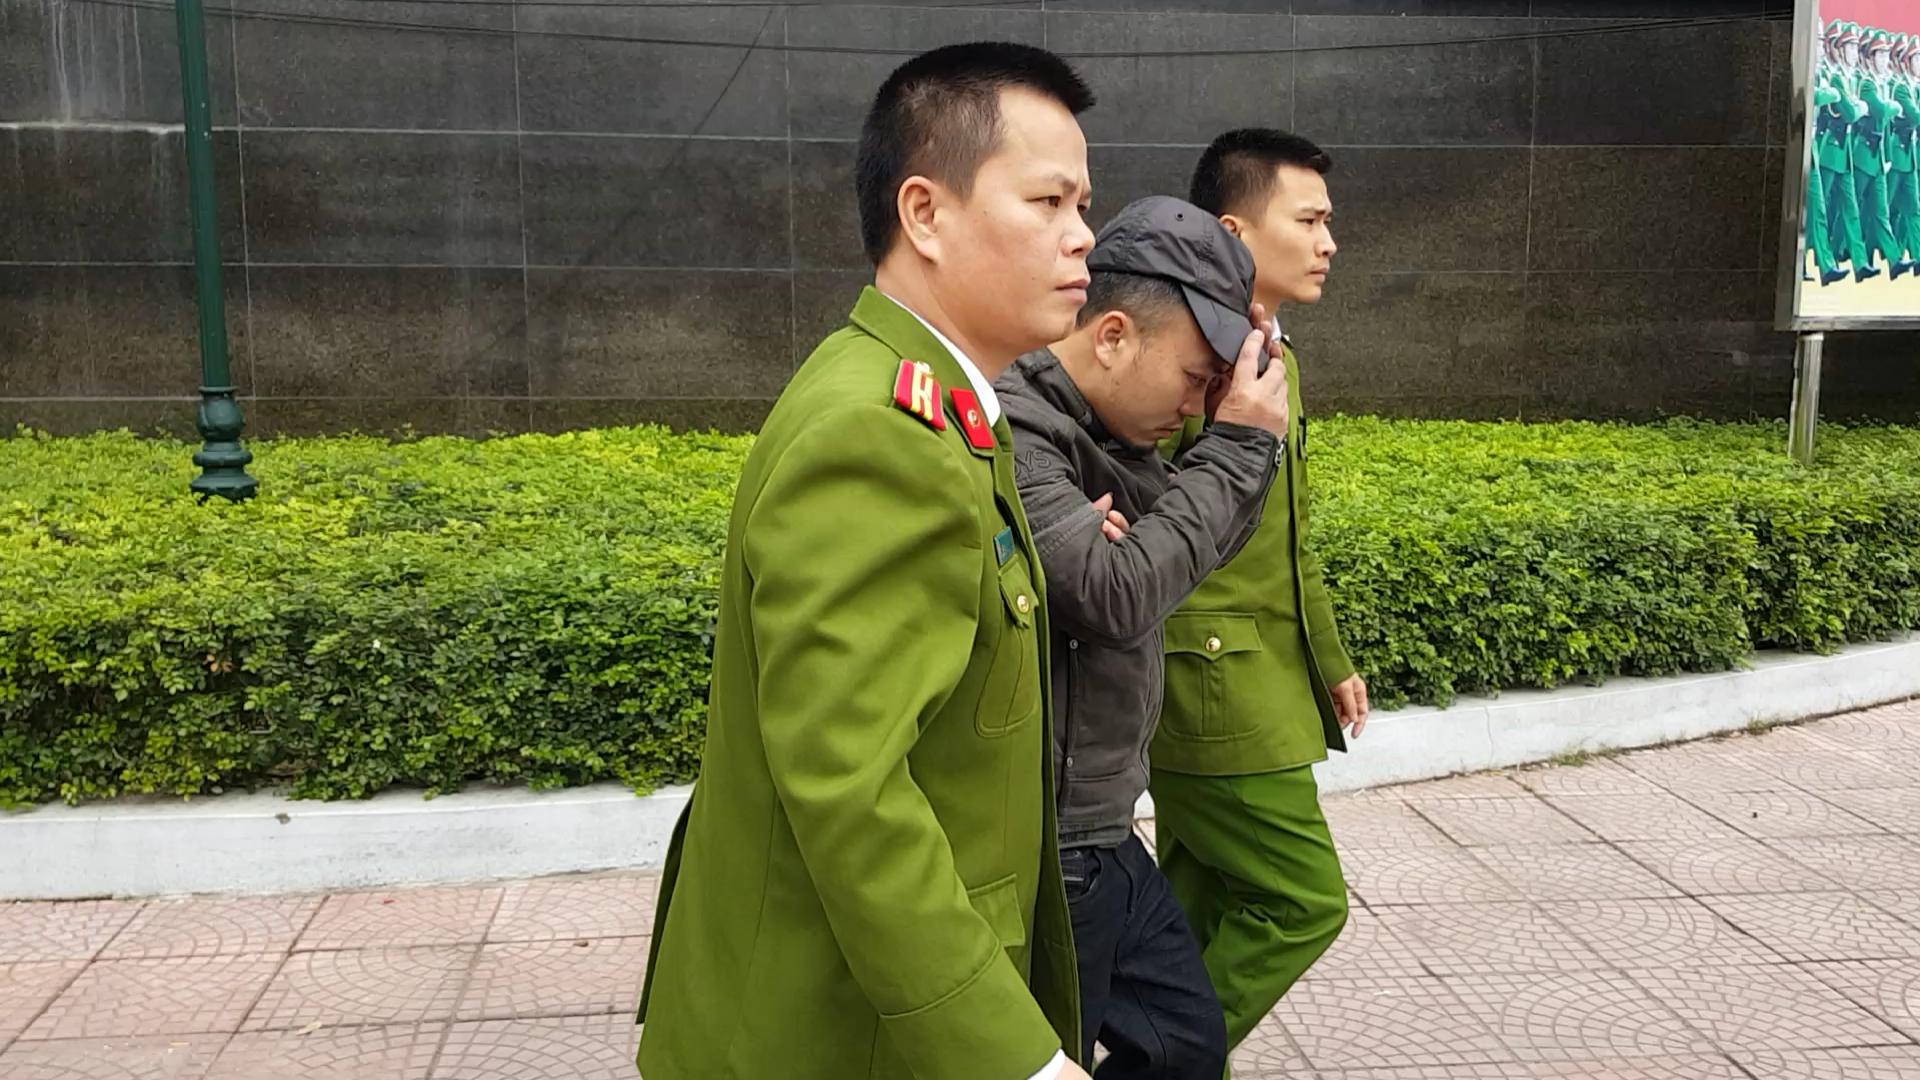 Cướp ngân hàng ở Bắc Giang: Bất ngờ với chiêu đánh lạc hướng của nghi phạm - Ảnh 1